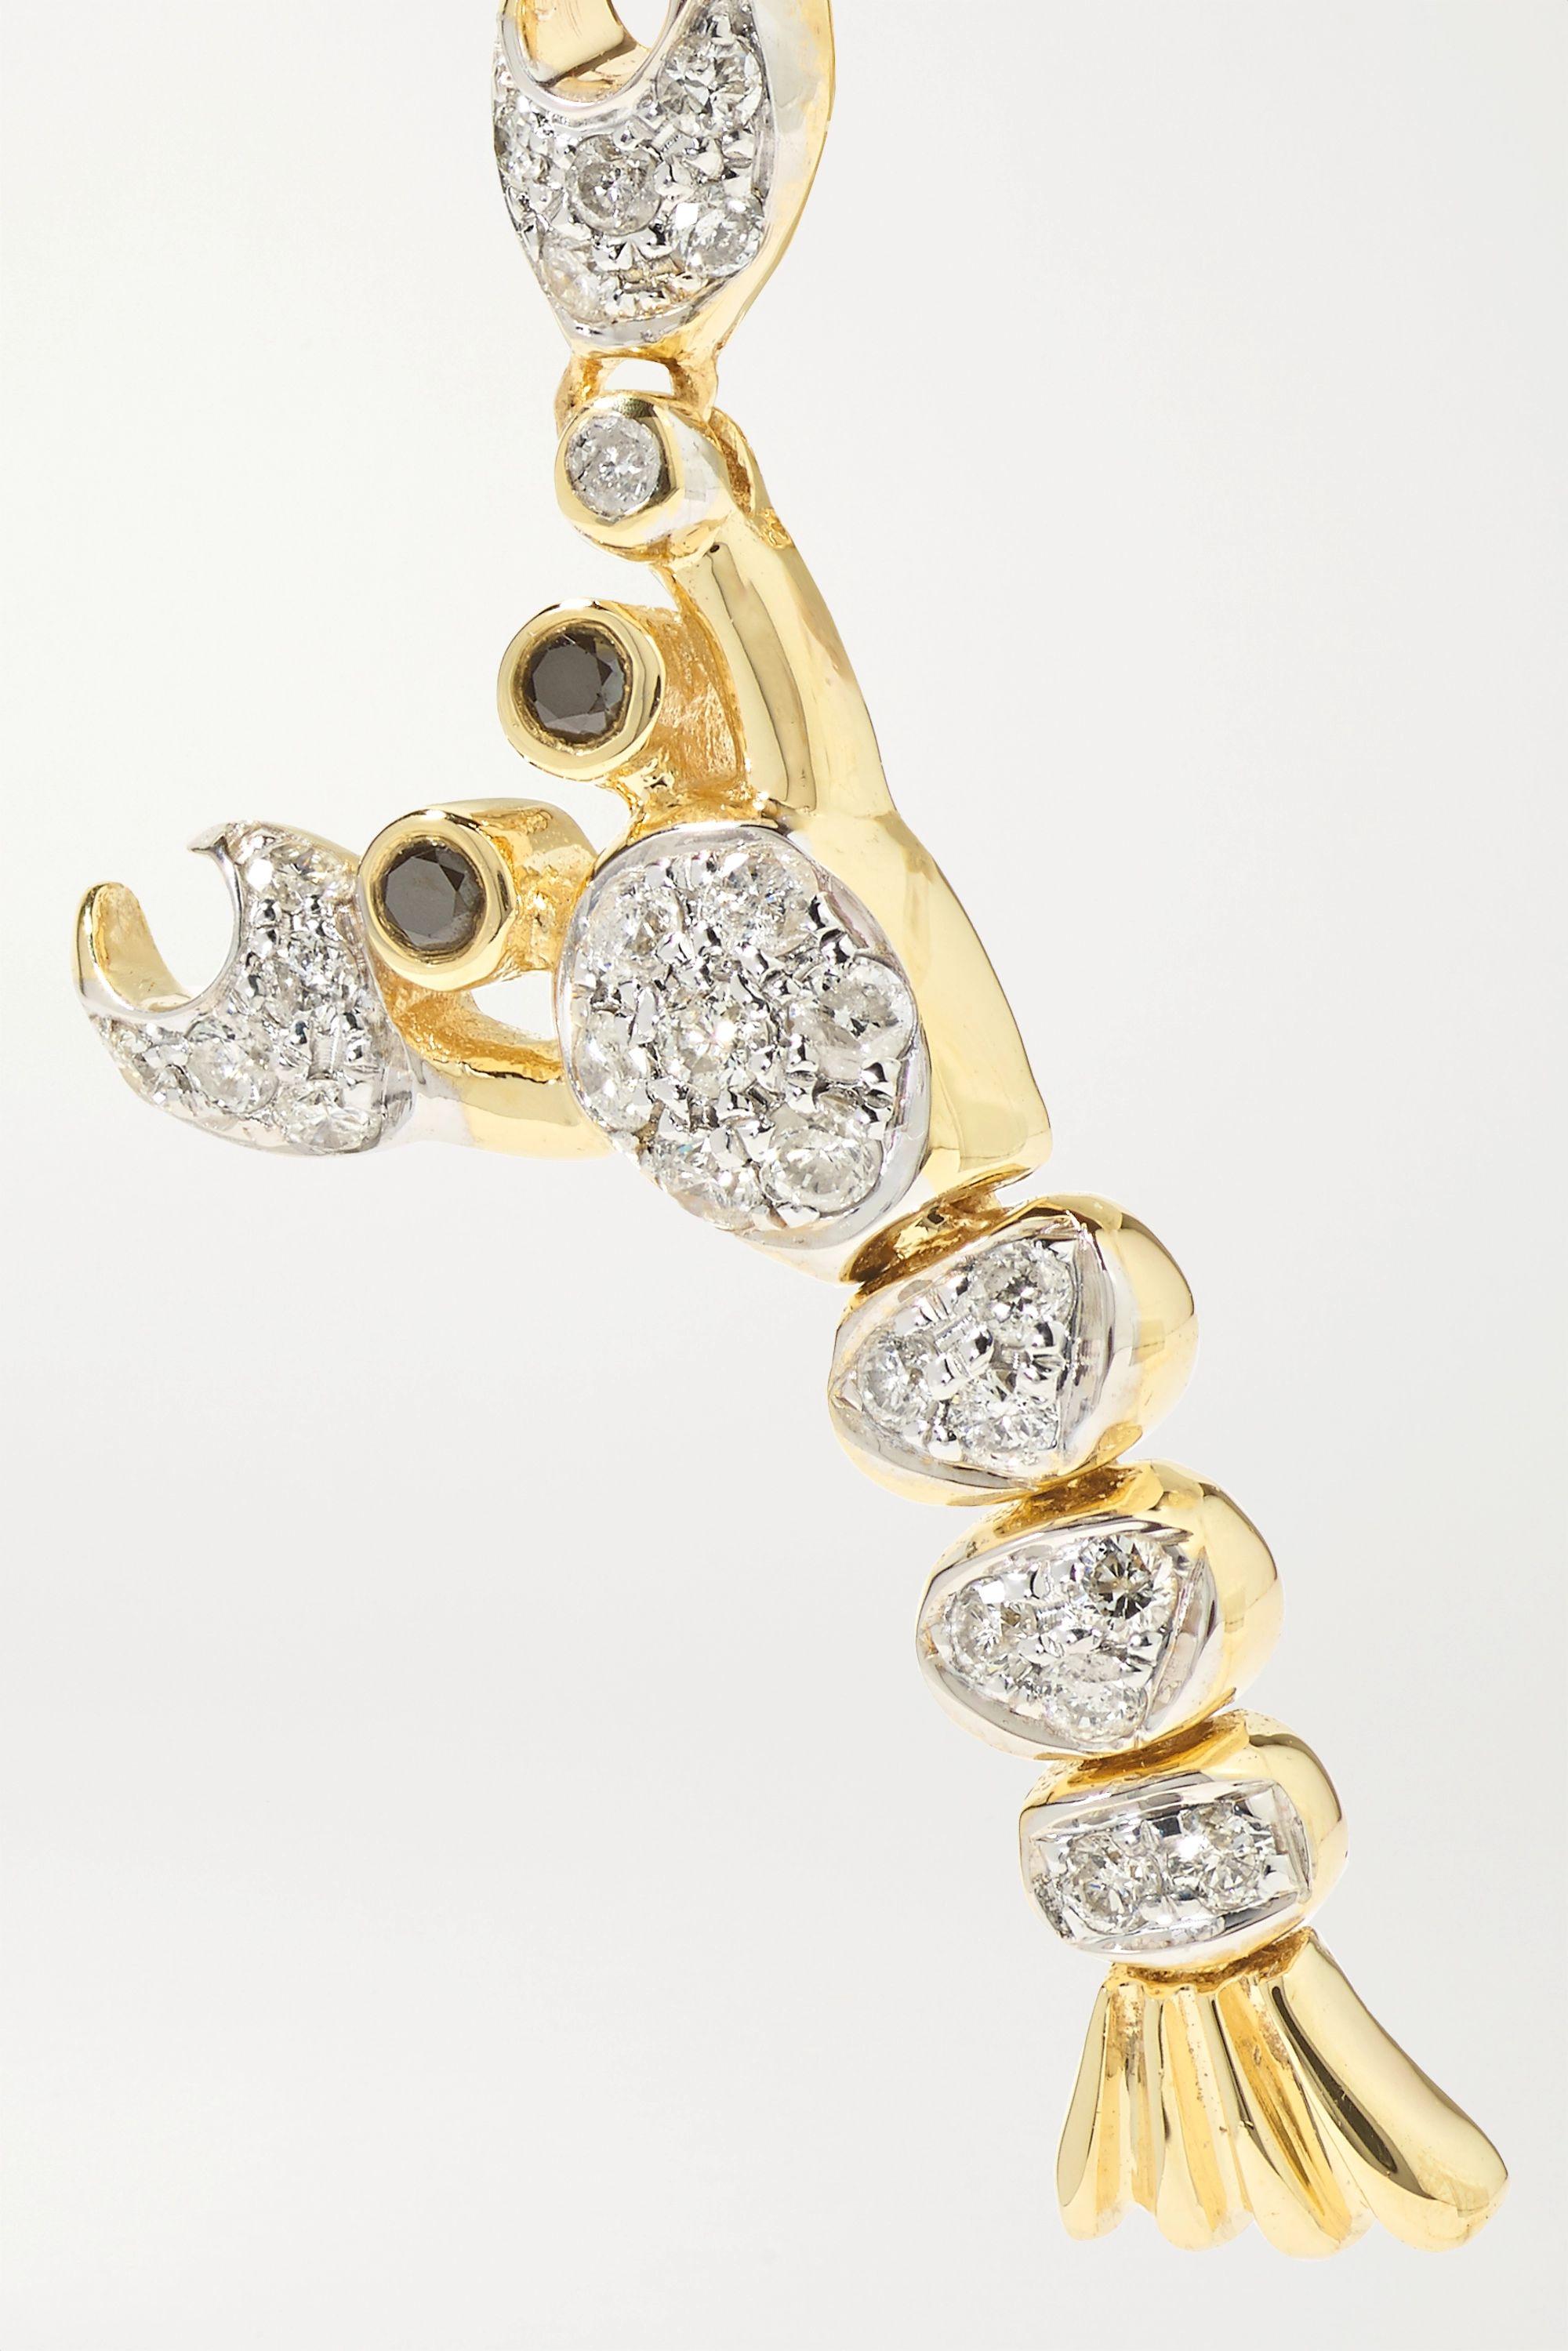 Yvonne Léon Ohrring aus 9 Karat Gold mit Diamanten